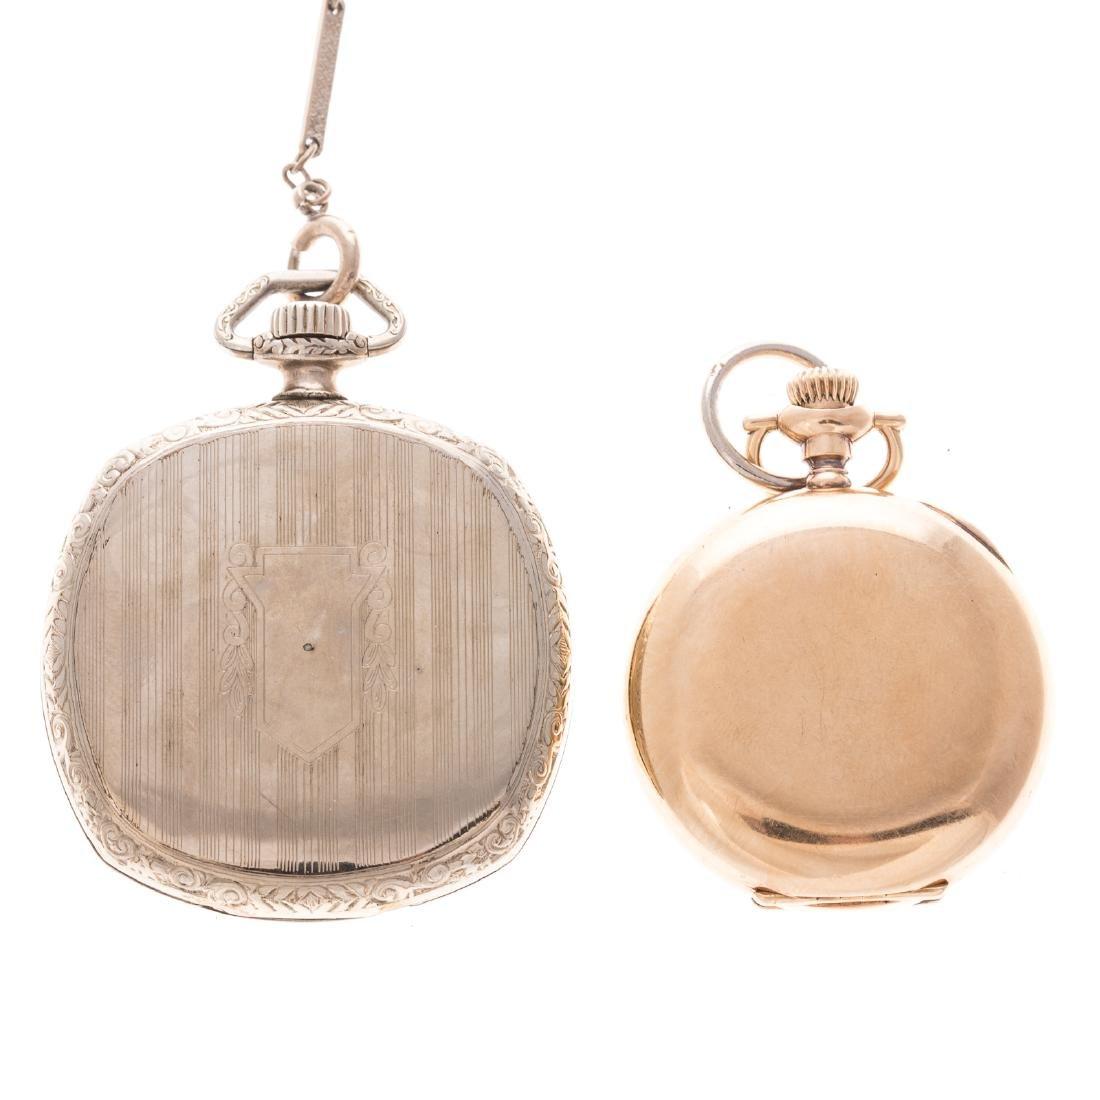 Two Gentlemen's Vintage Pocket Watches - 4